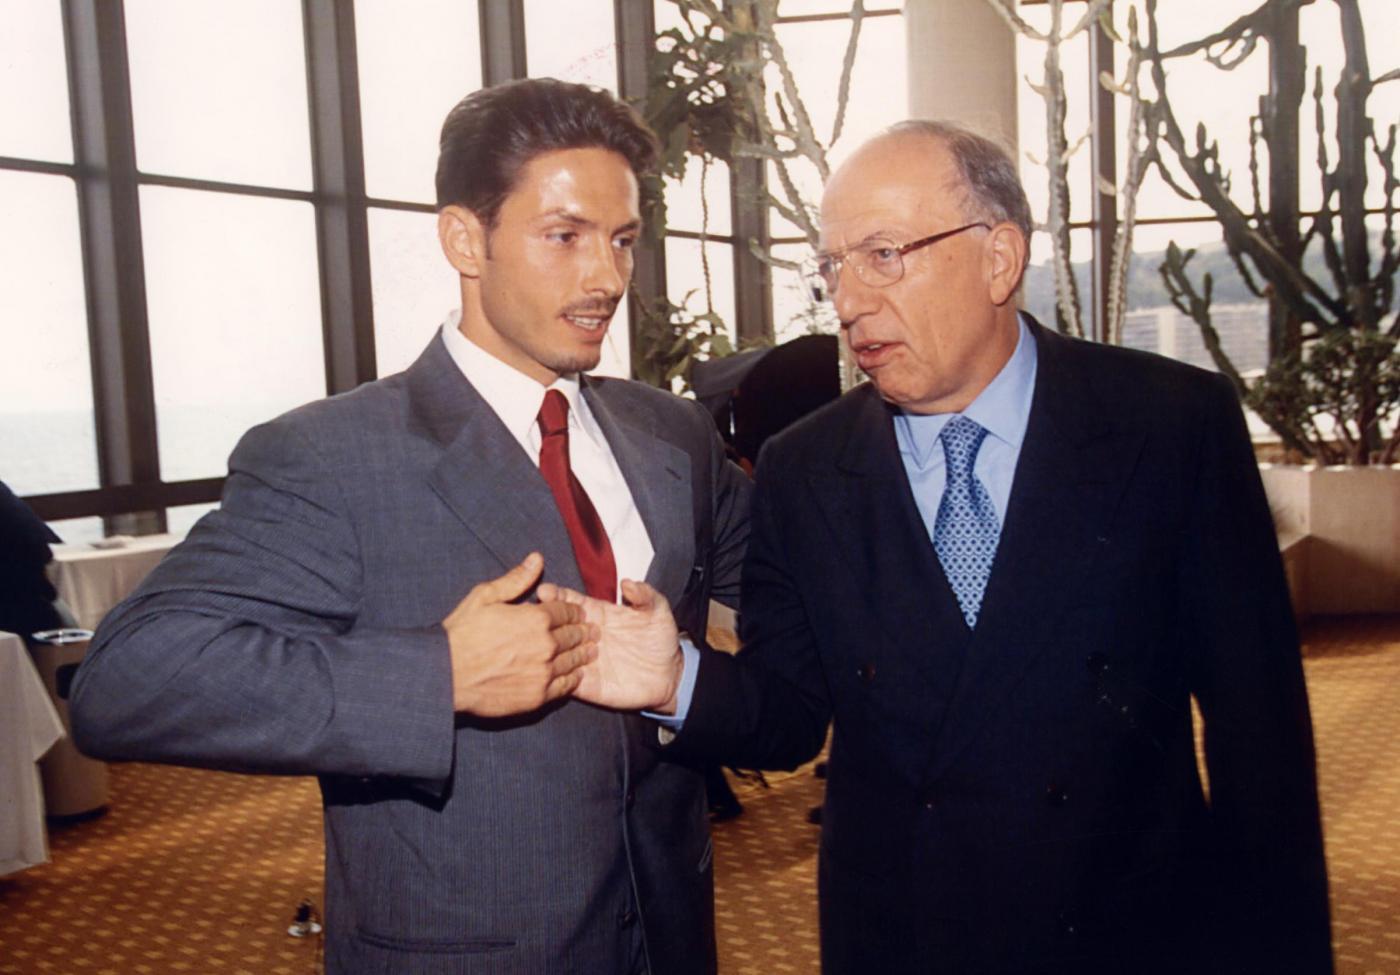 Mediatrade, Pier Silvio Berlusconi e Confalonieri 'perseguirono l'evasione fiscale'